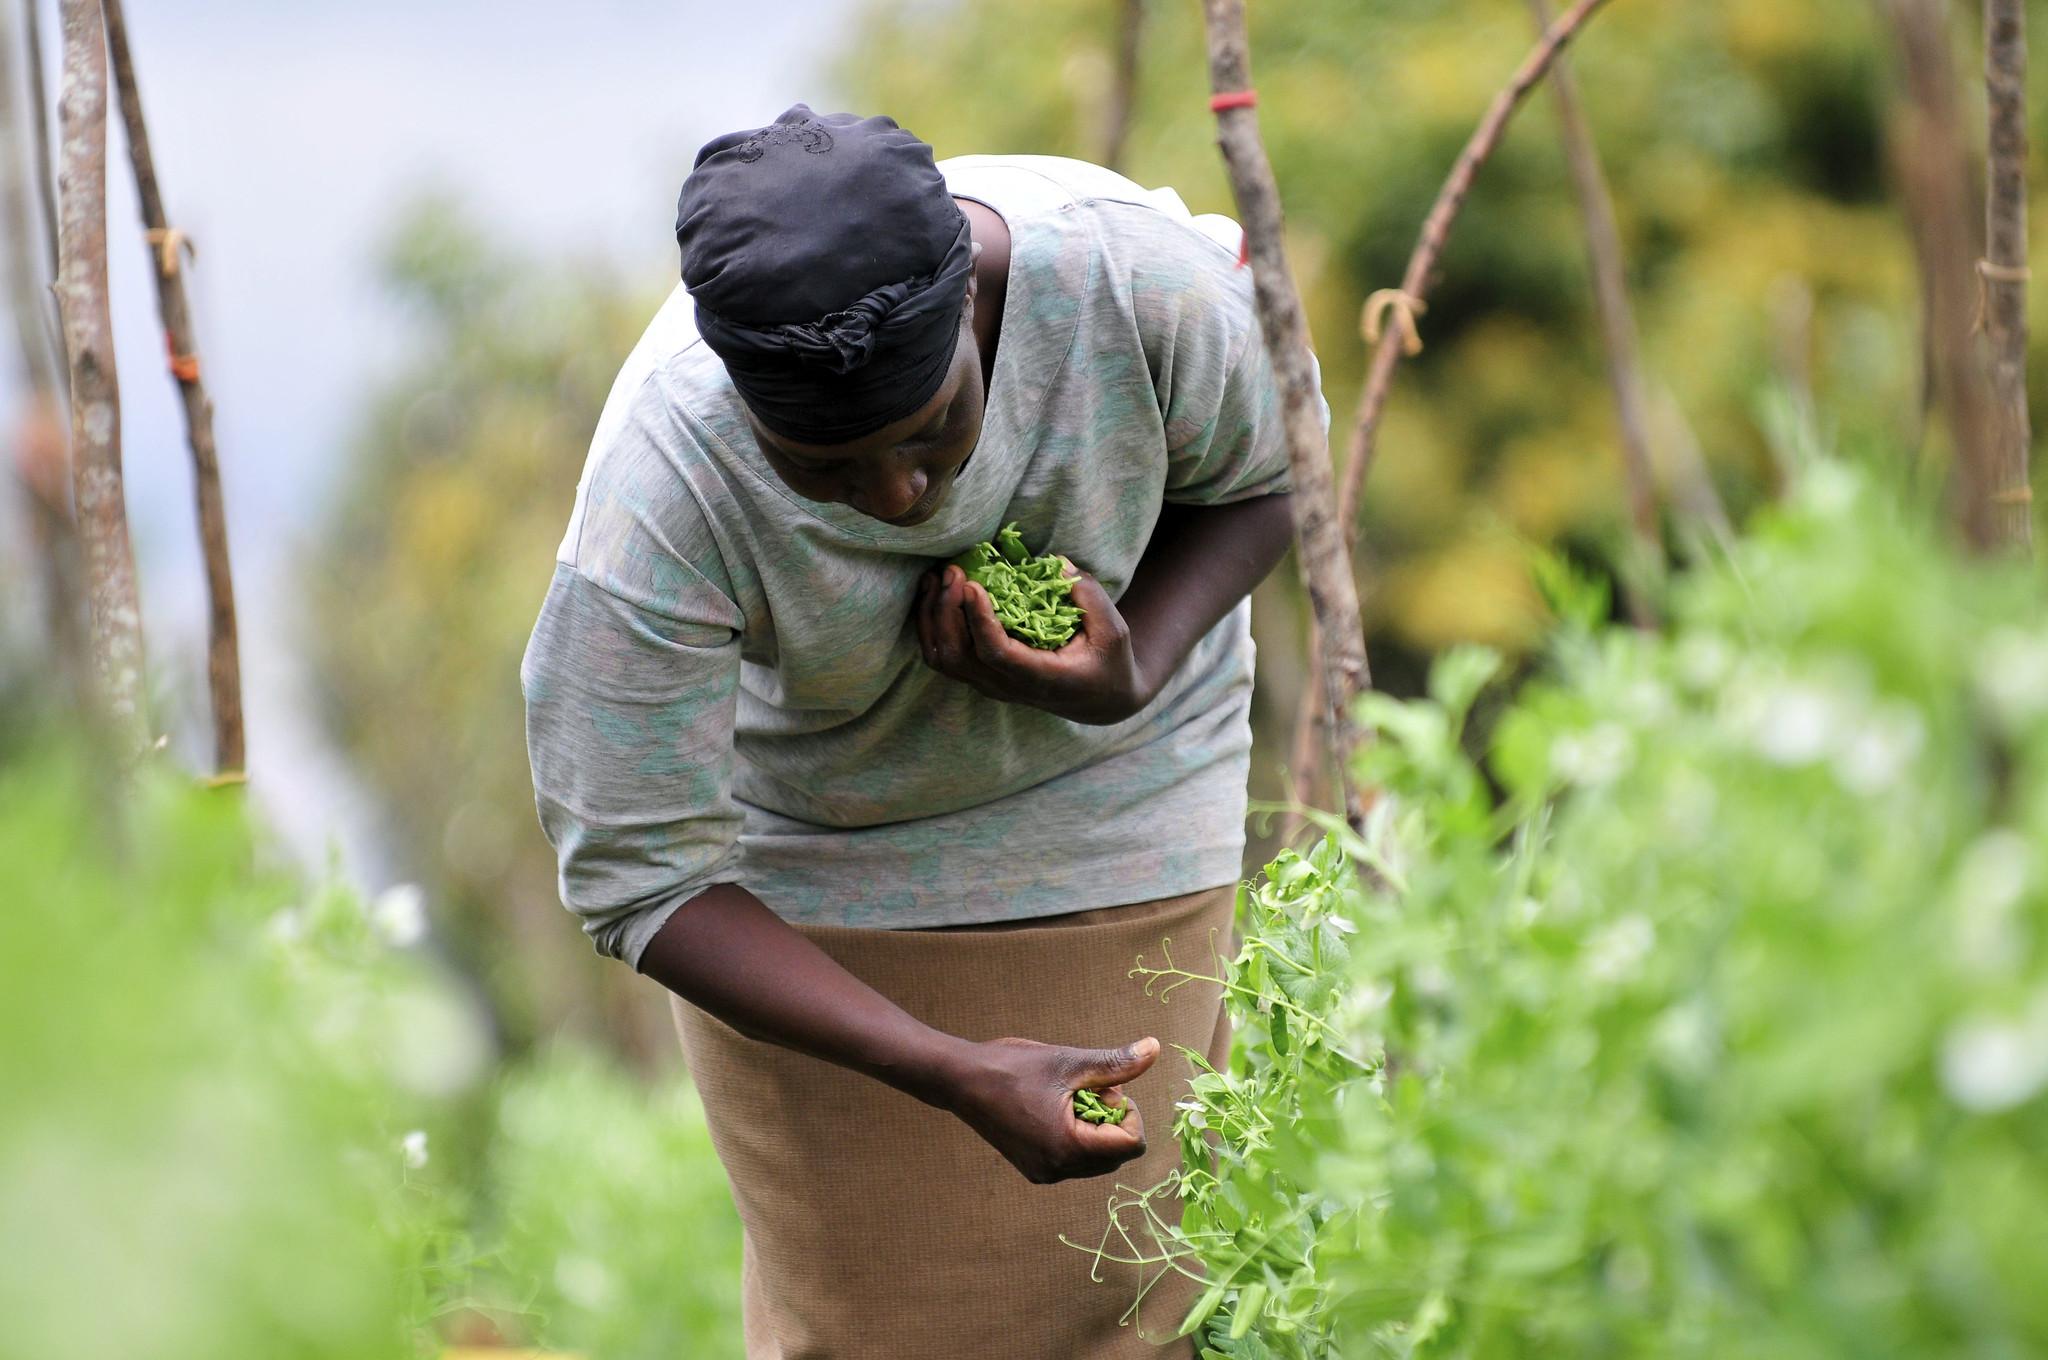 肯尼亚山区,一名妇女正在采摘荷兰豆